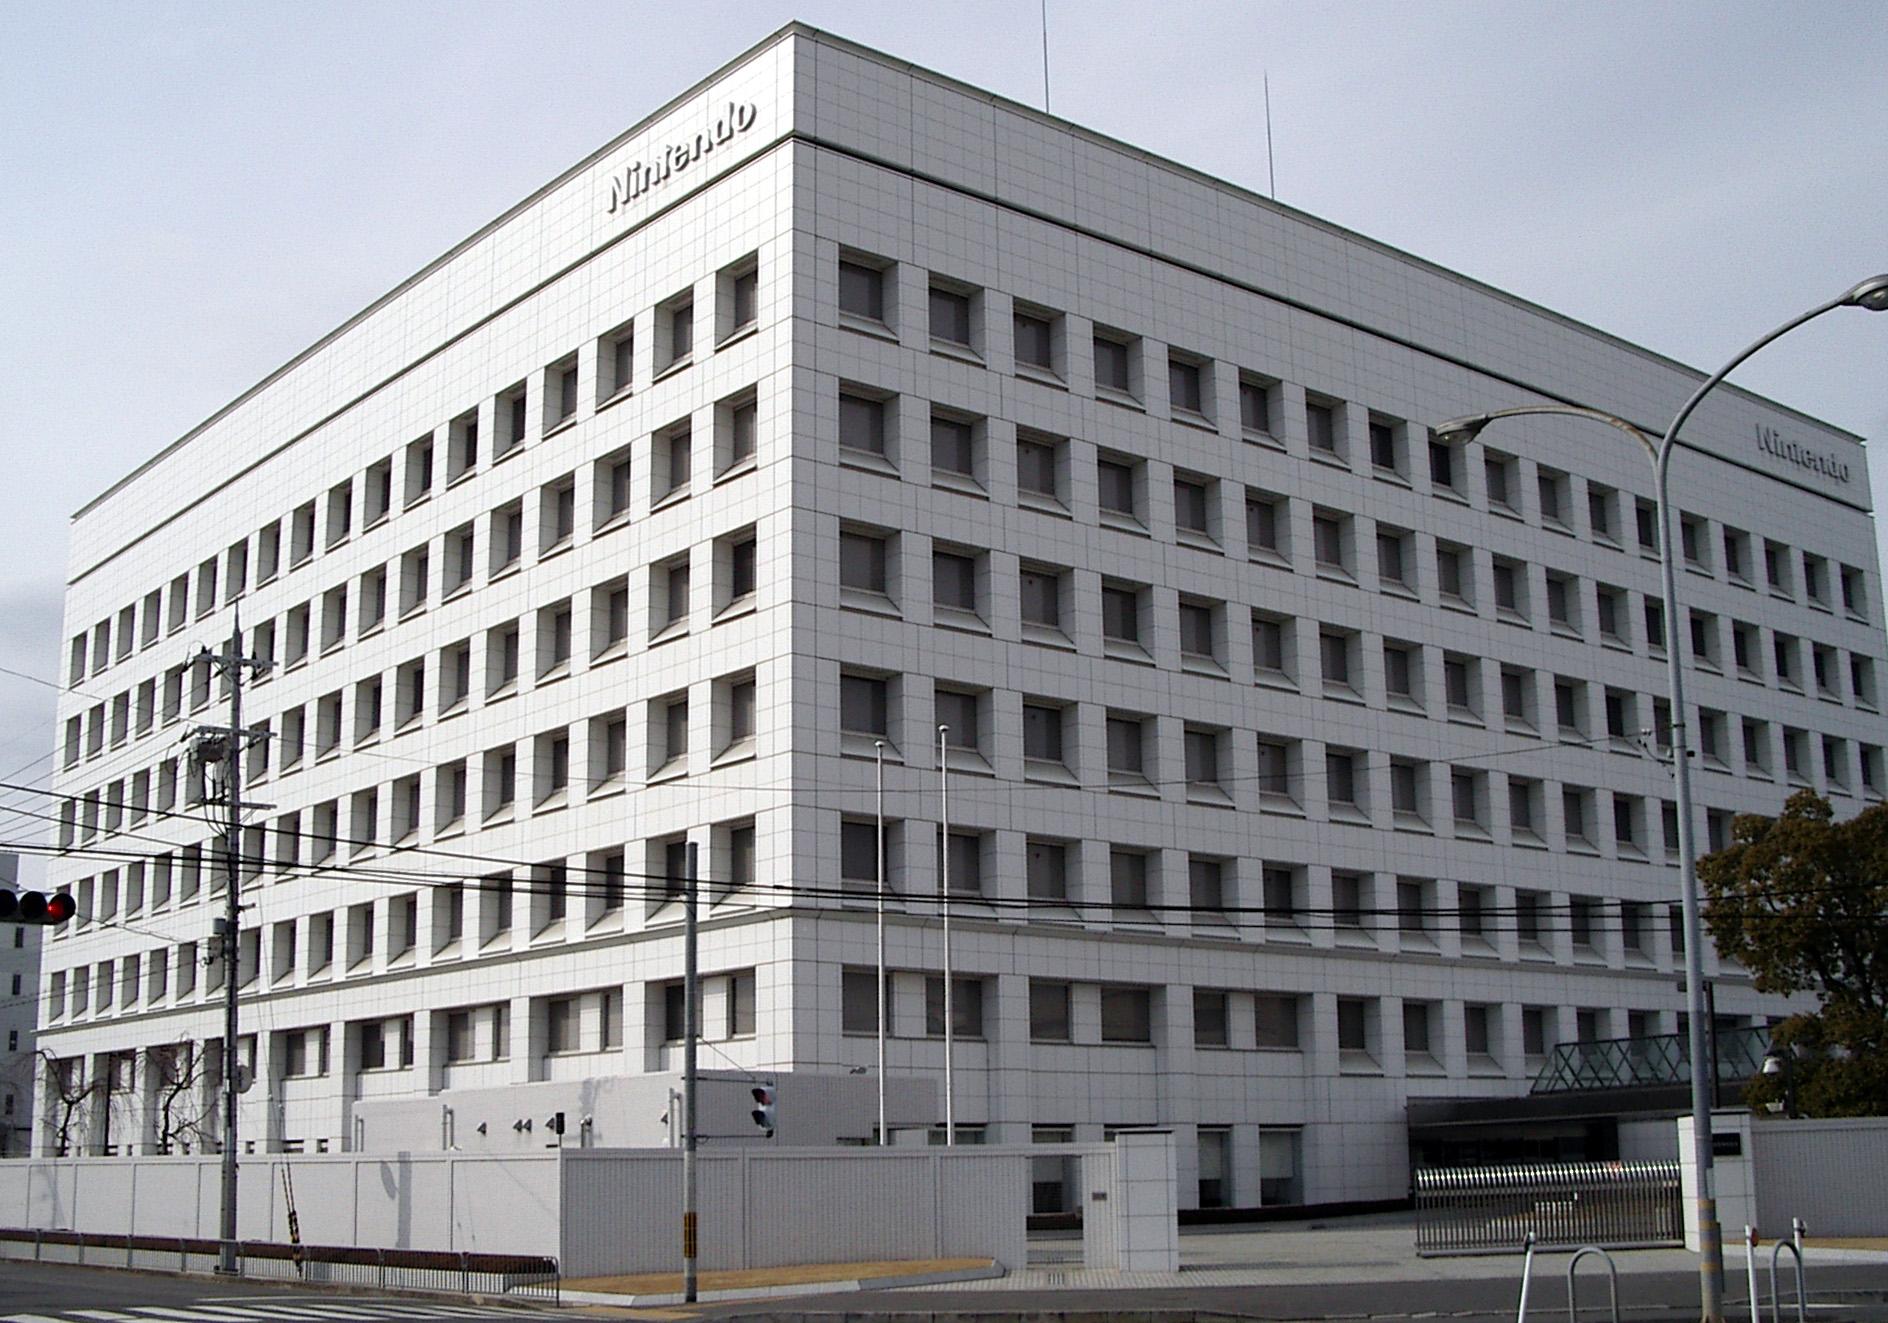 Nintendo HQ